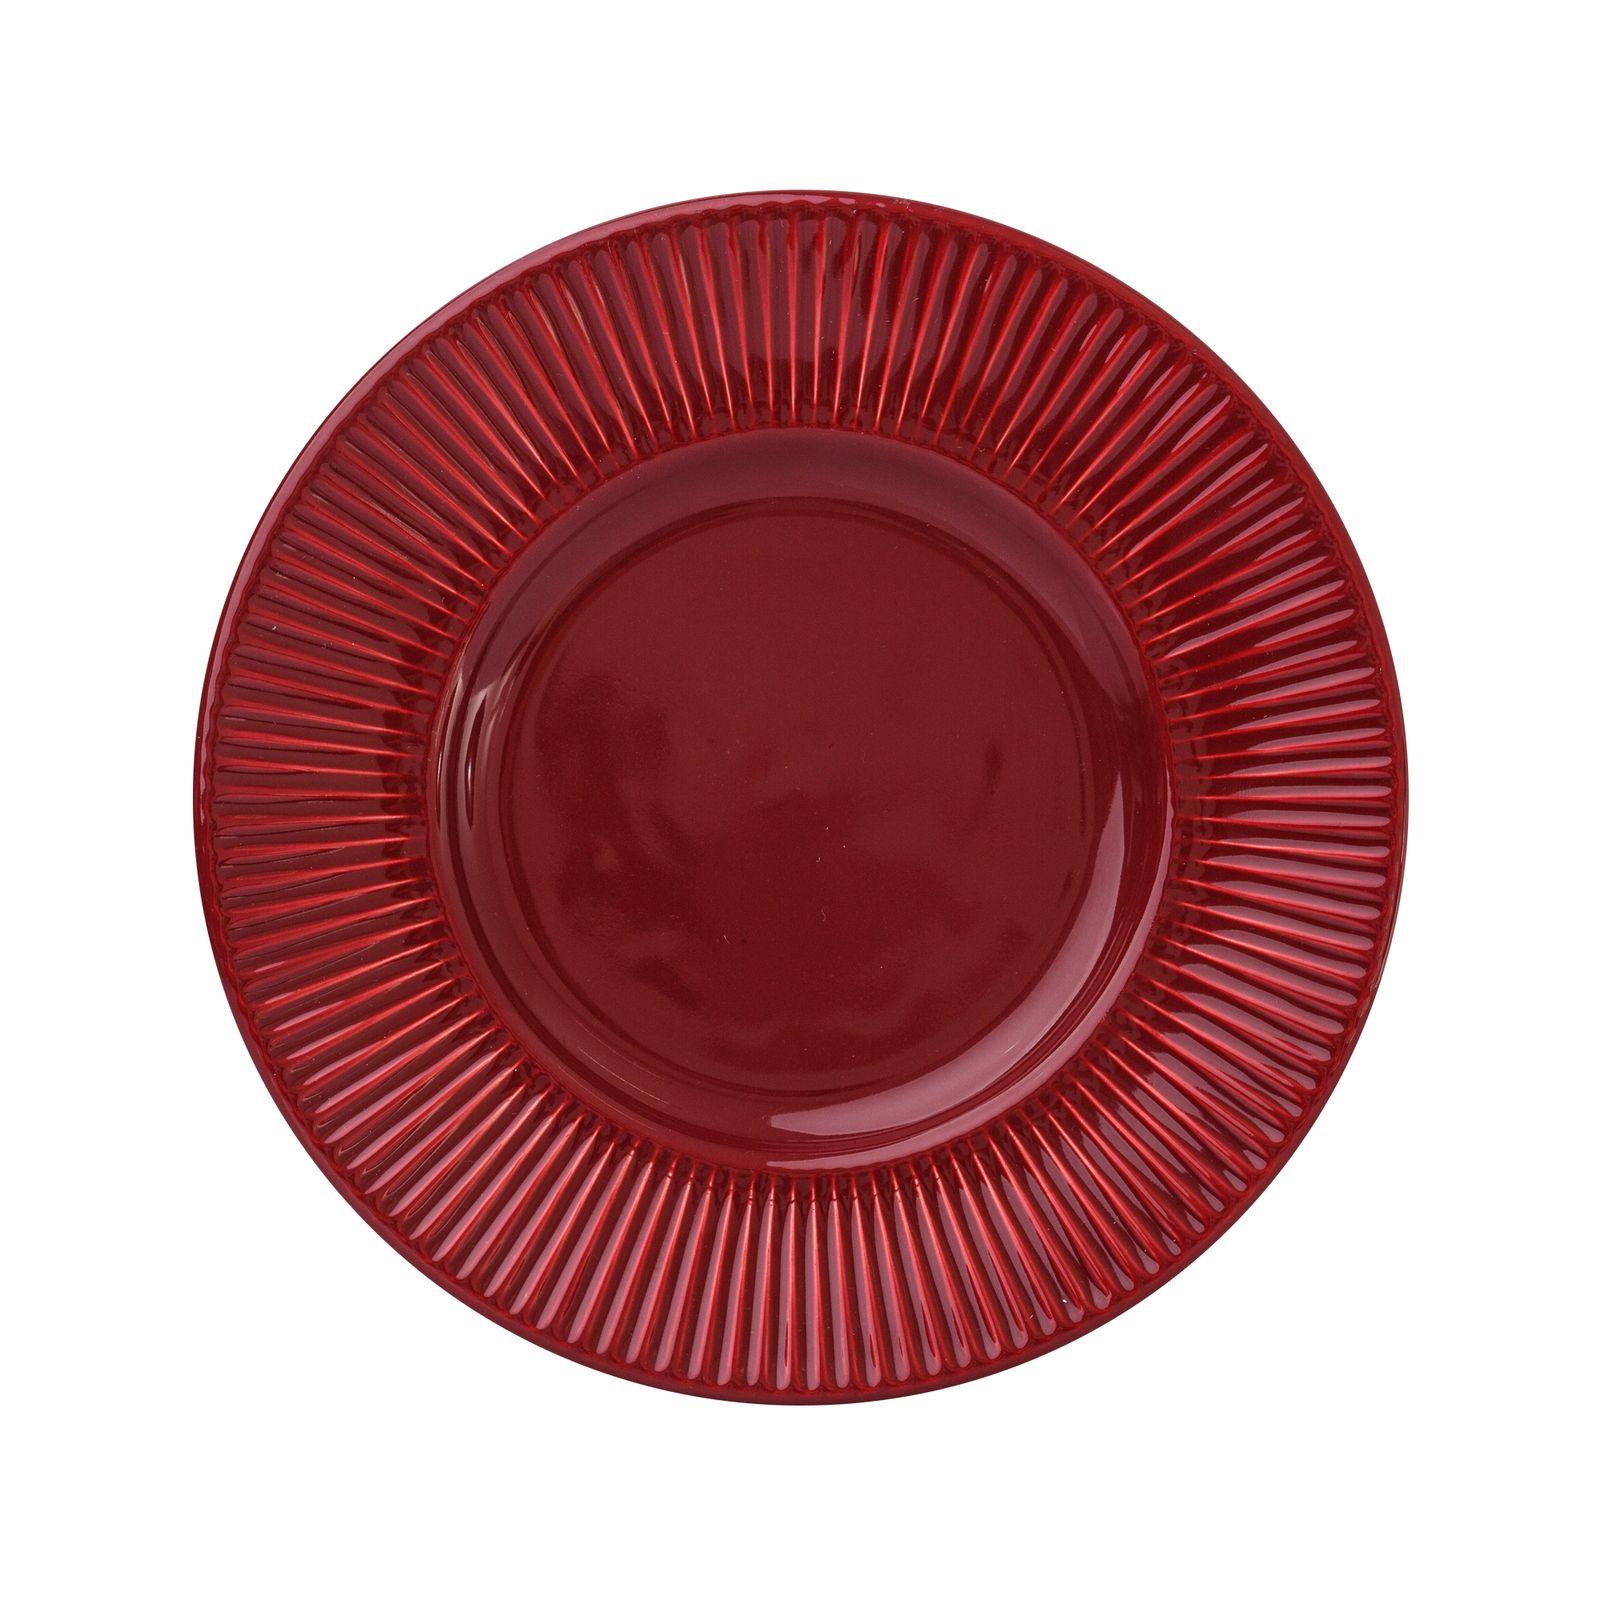 Talerz deserowy Palette Cherry 22,5 cm AMBITION